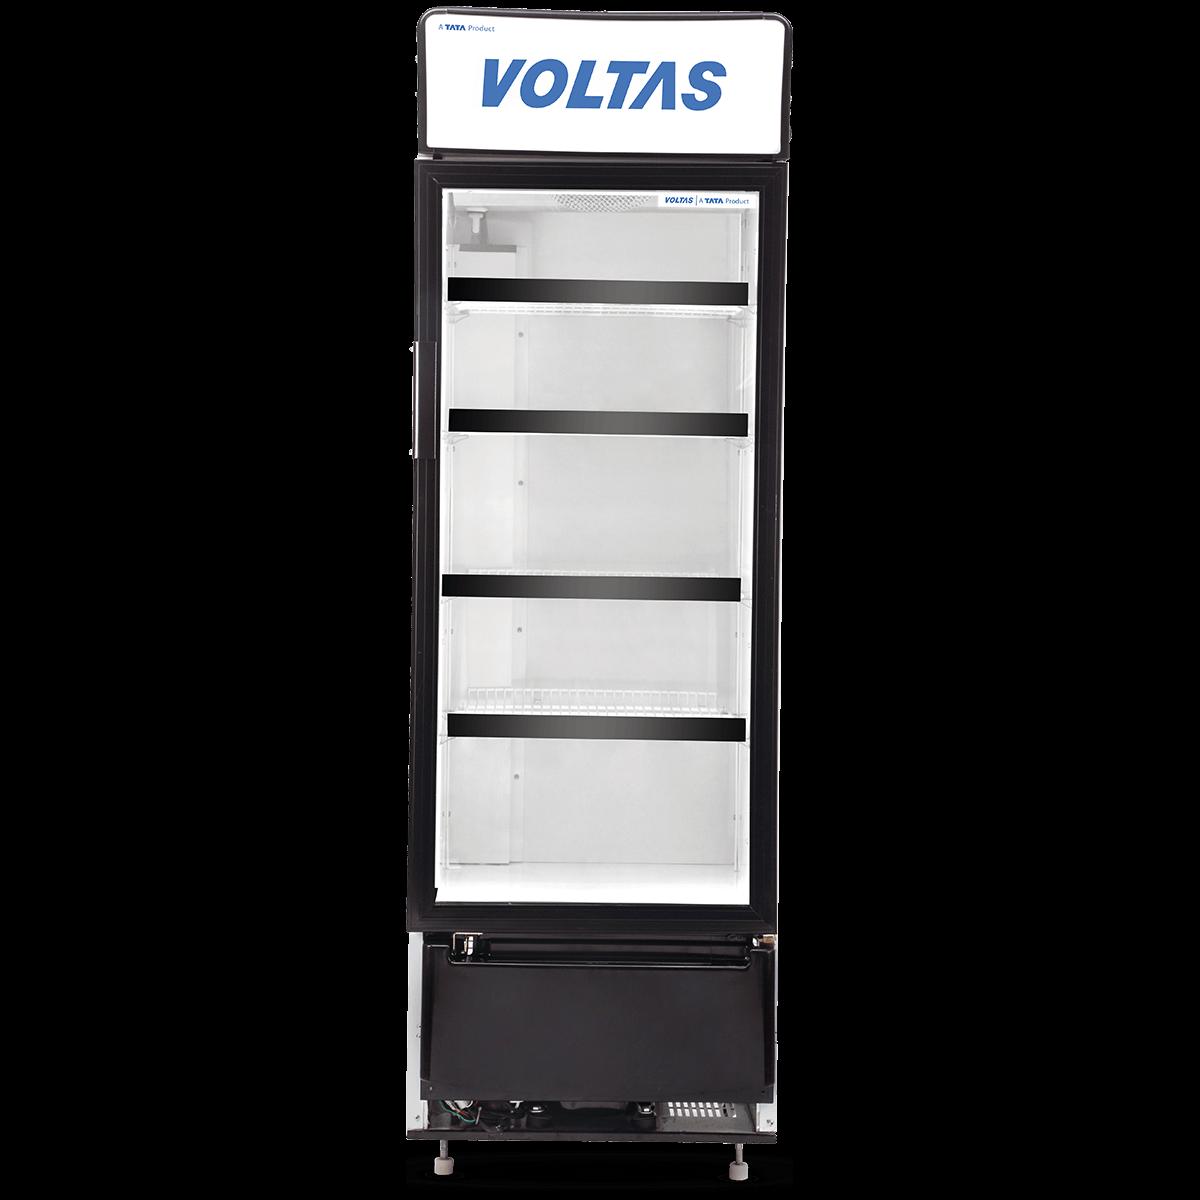 Commercial Refrigerators - Voltas Visi Coolers